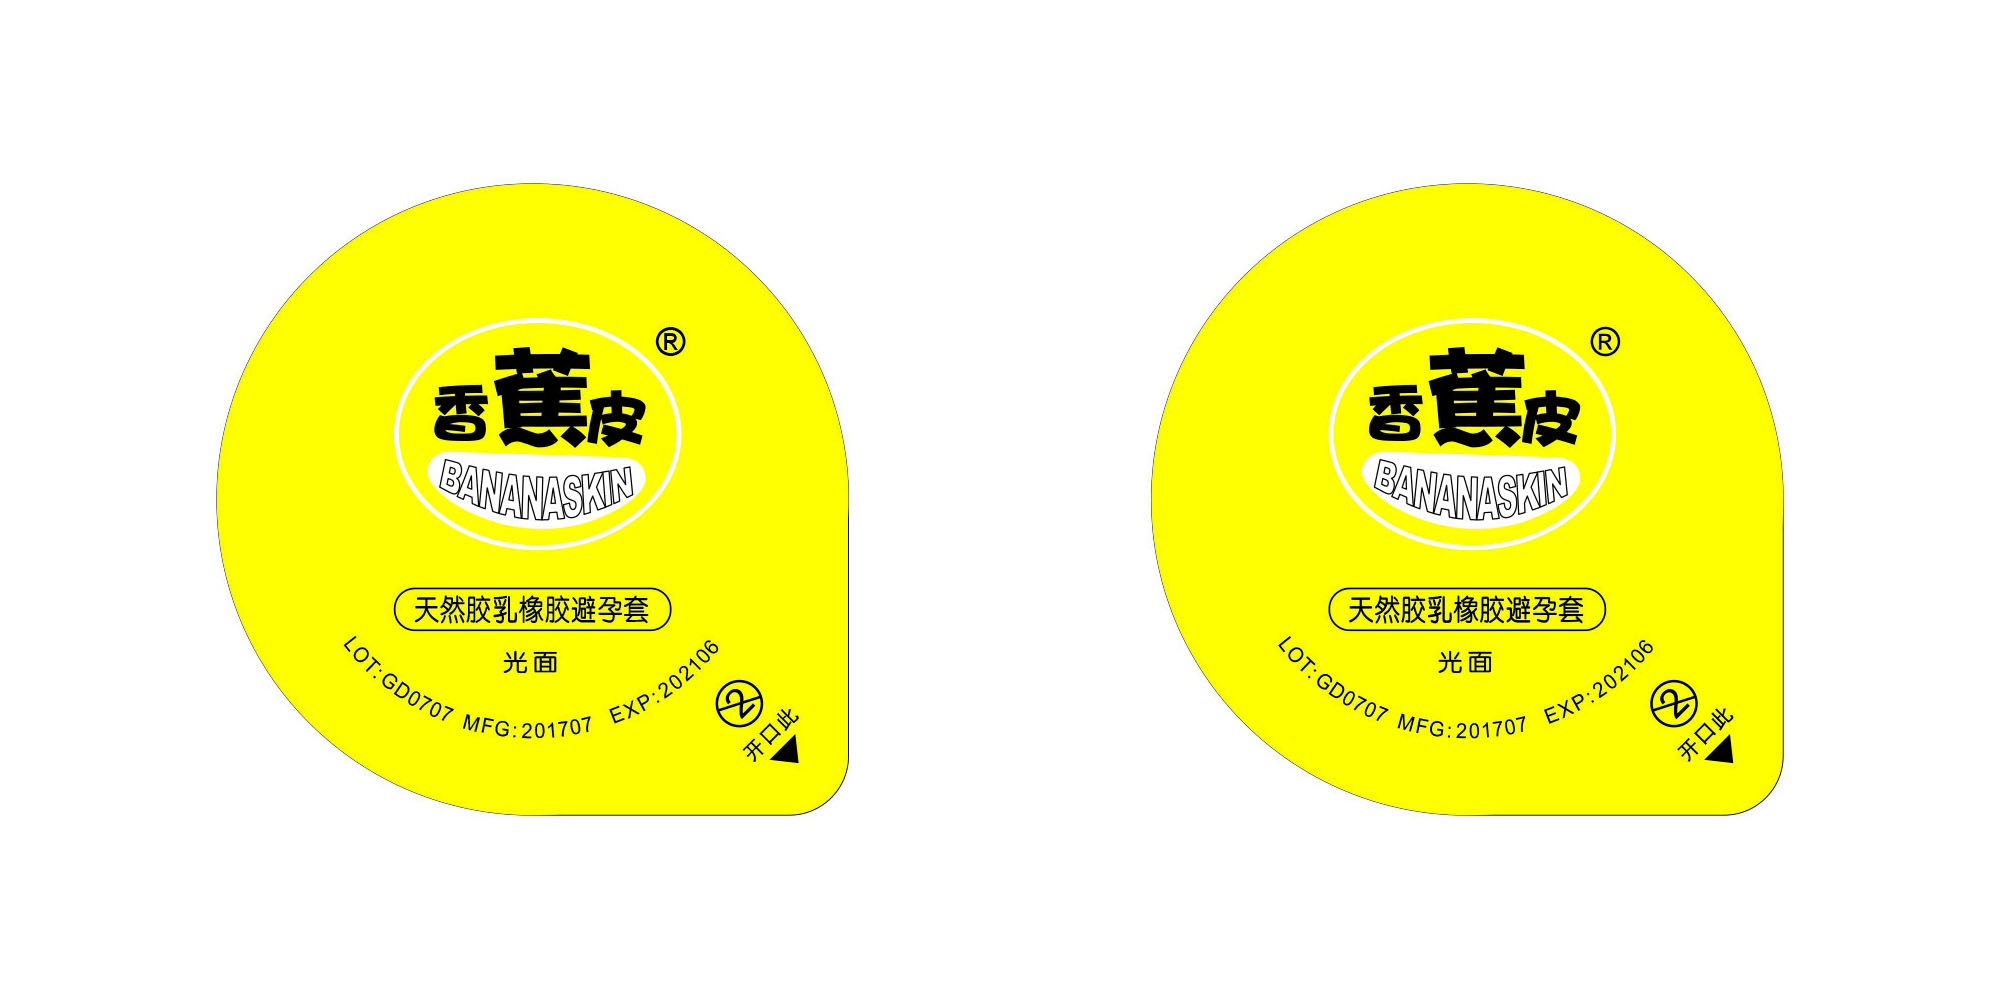 香蕉皮包装设计稿-内产品.jpg